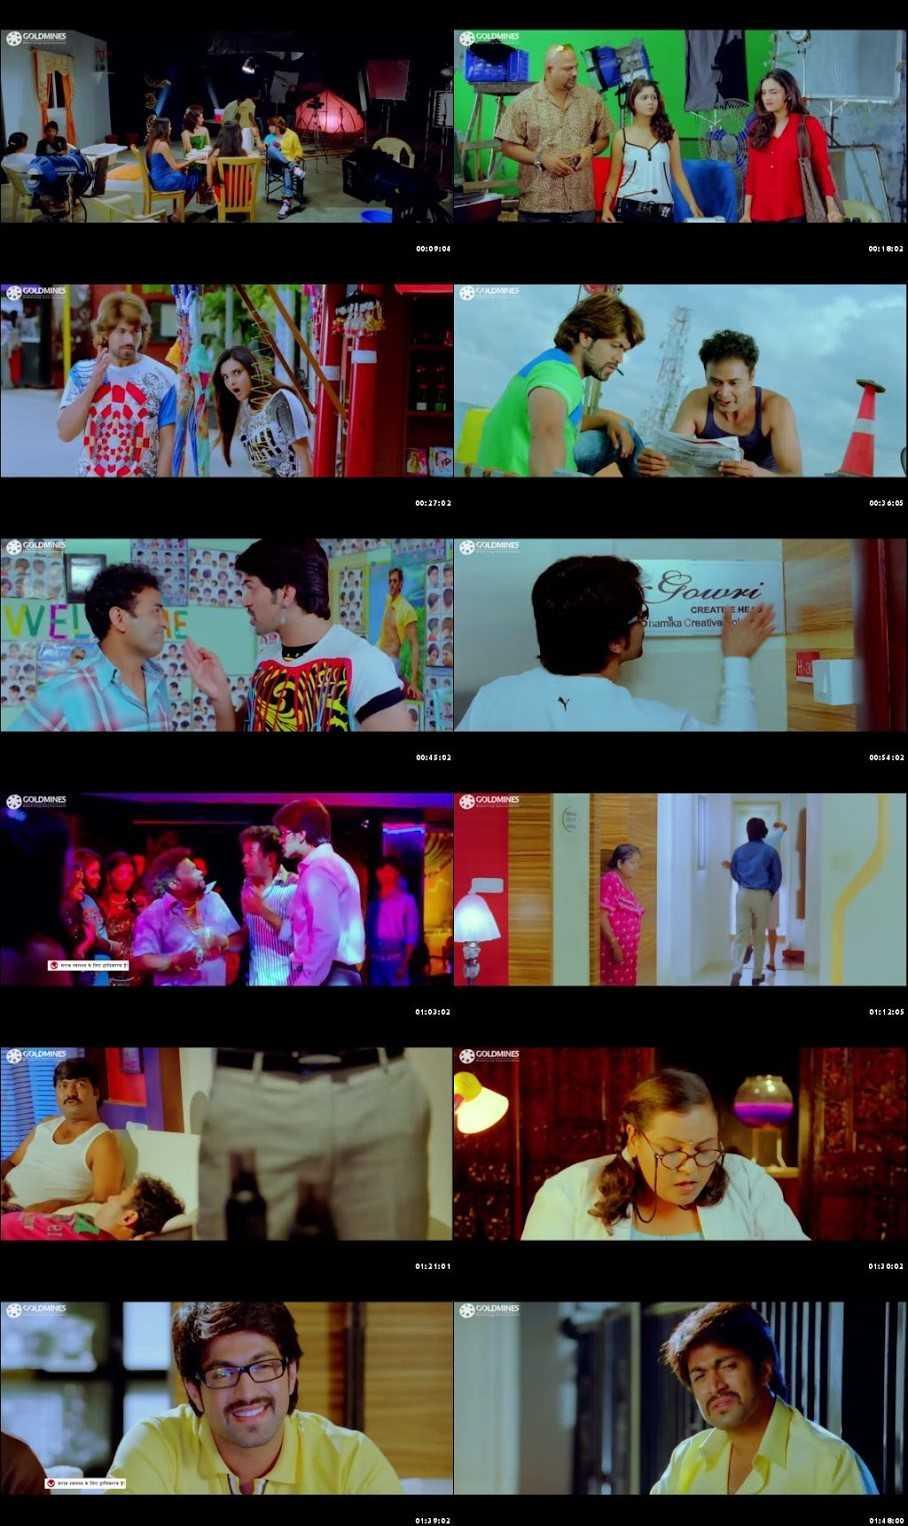 Lucky (2012) Screenshots